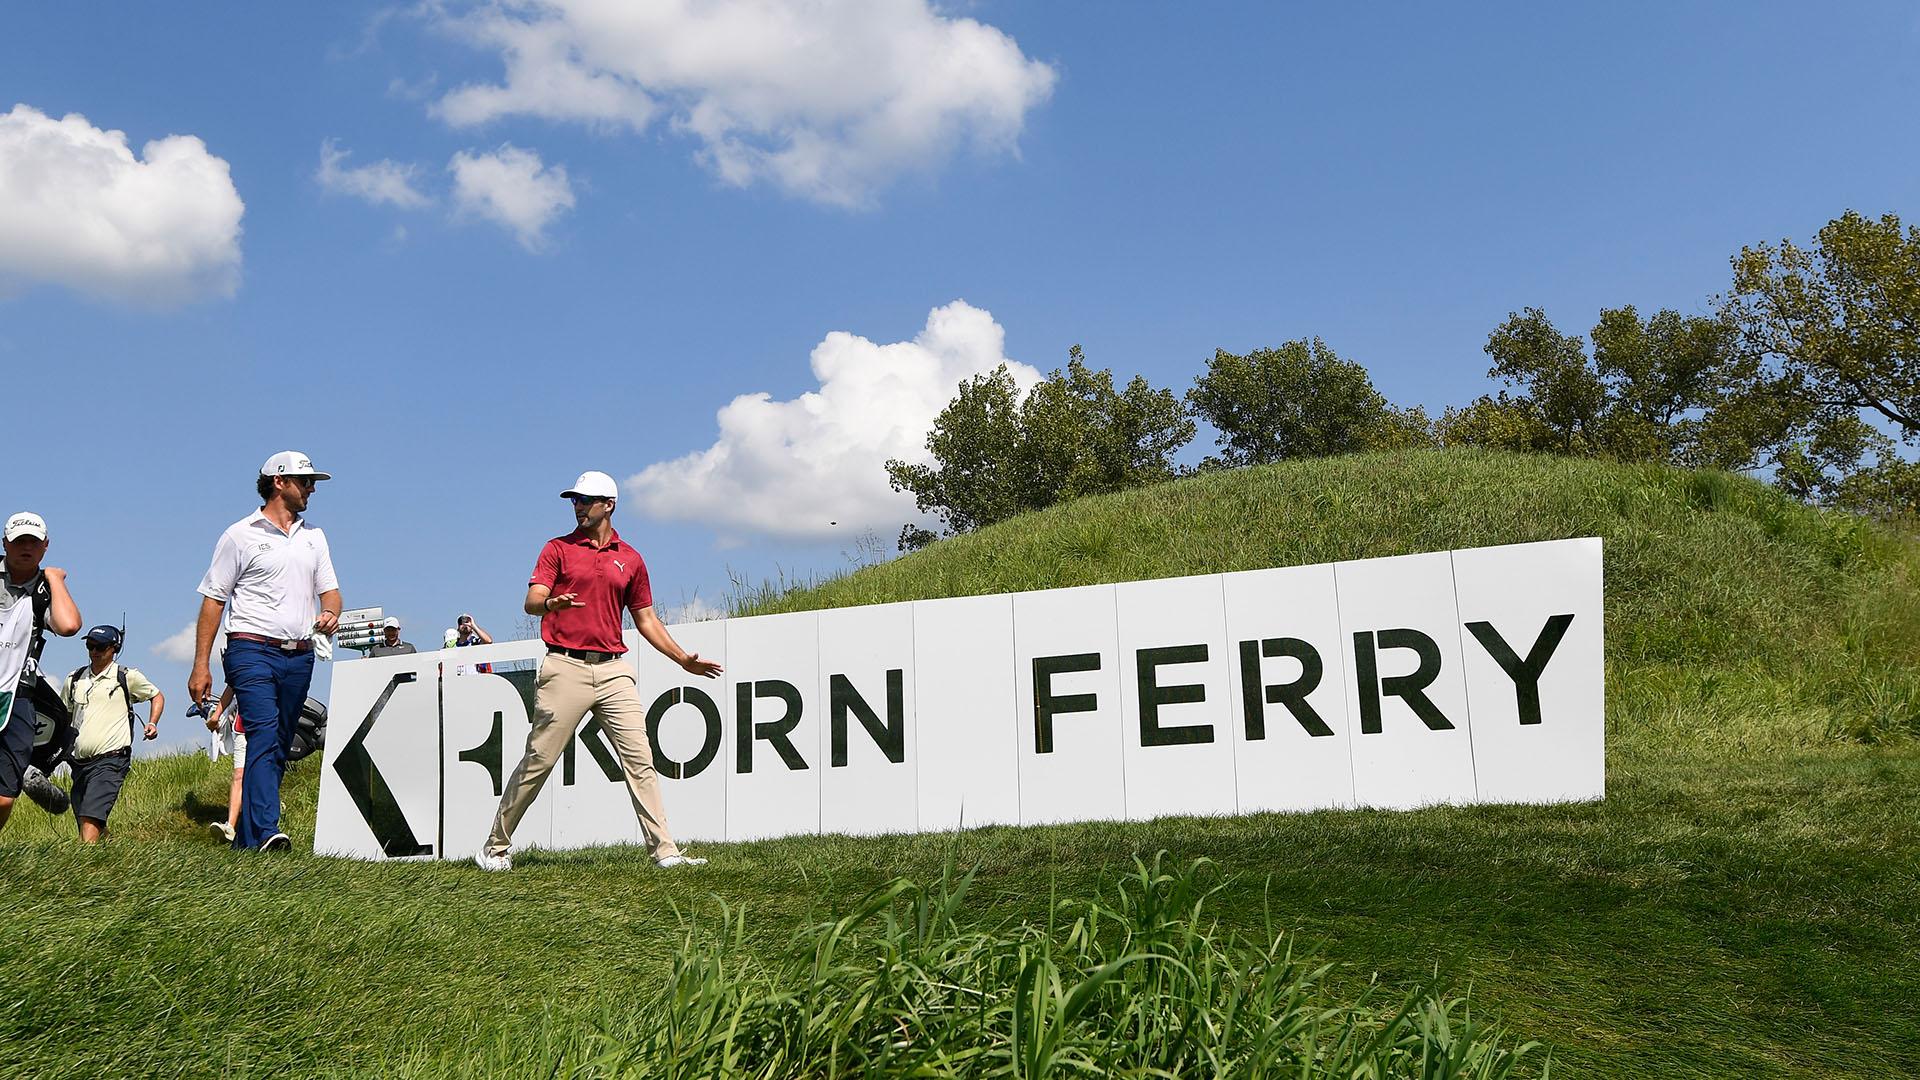 Pga Show 2020.Korn Ferry Tour Announces 2020 Schedule Golf Channel